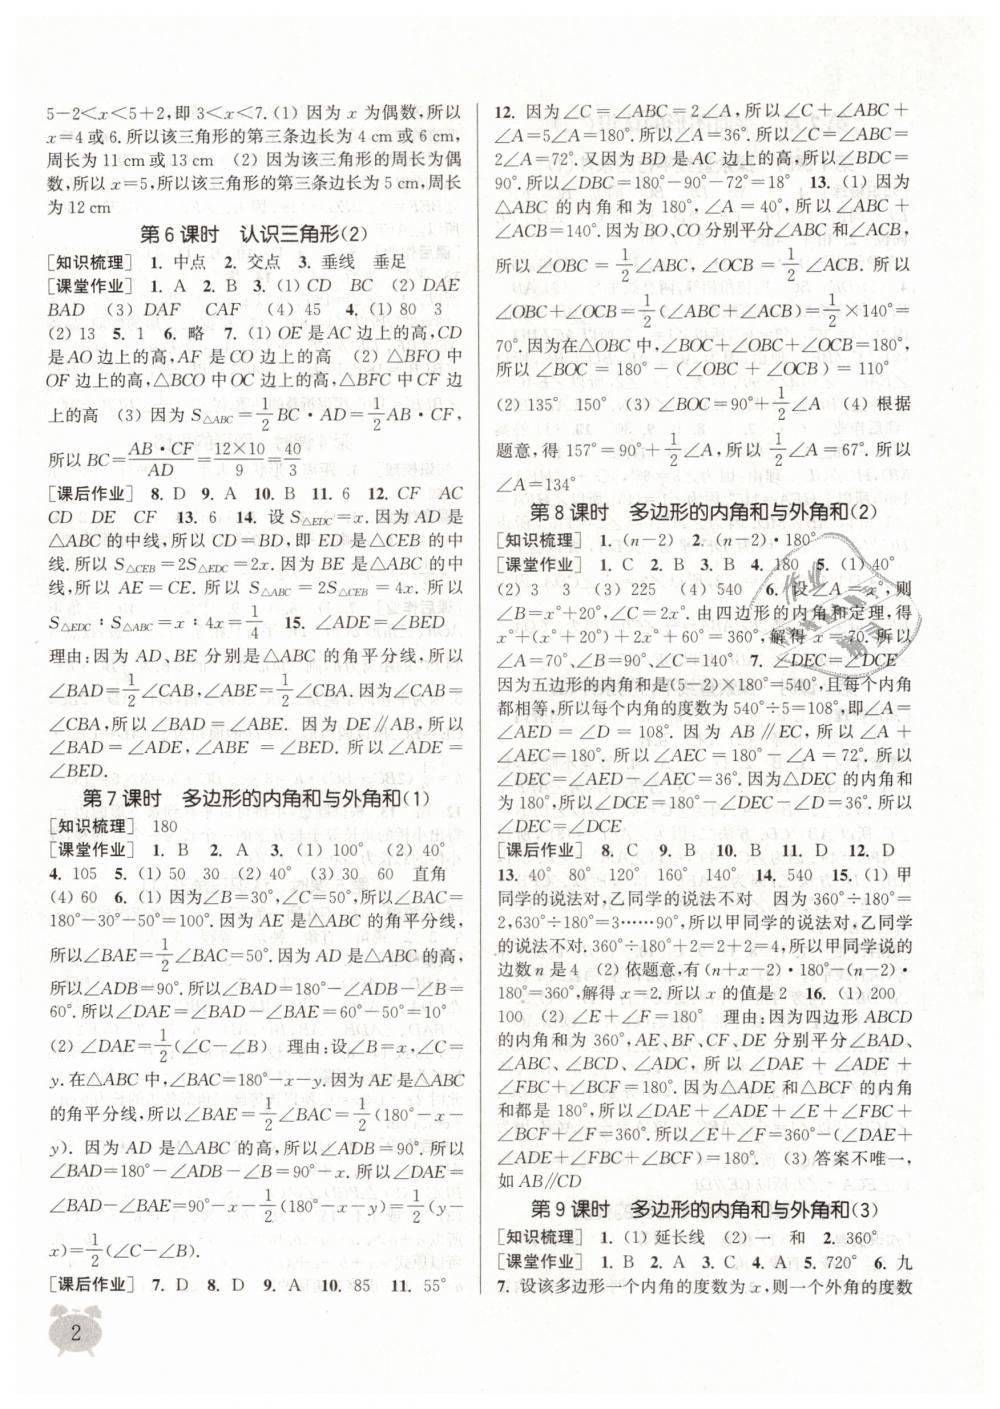 2019年通城学典课时作业本七年级数学下册苏科版江苏专用第2页